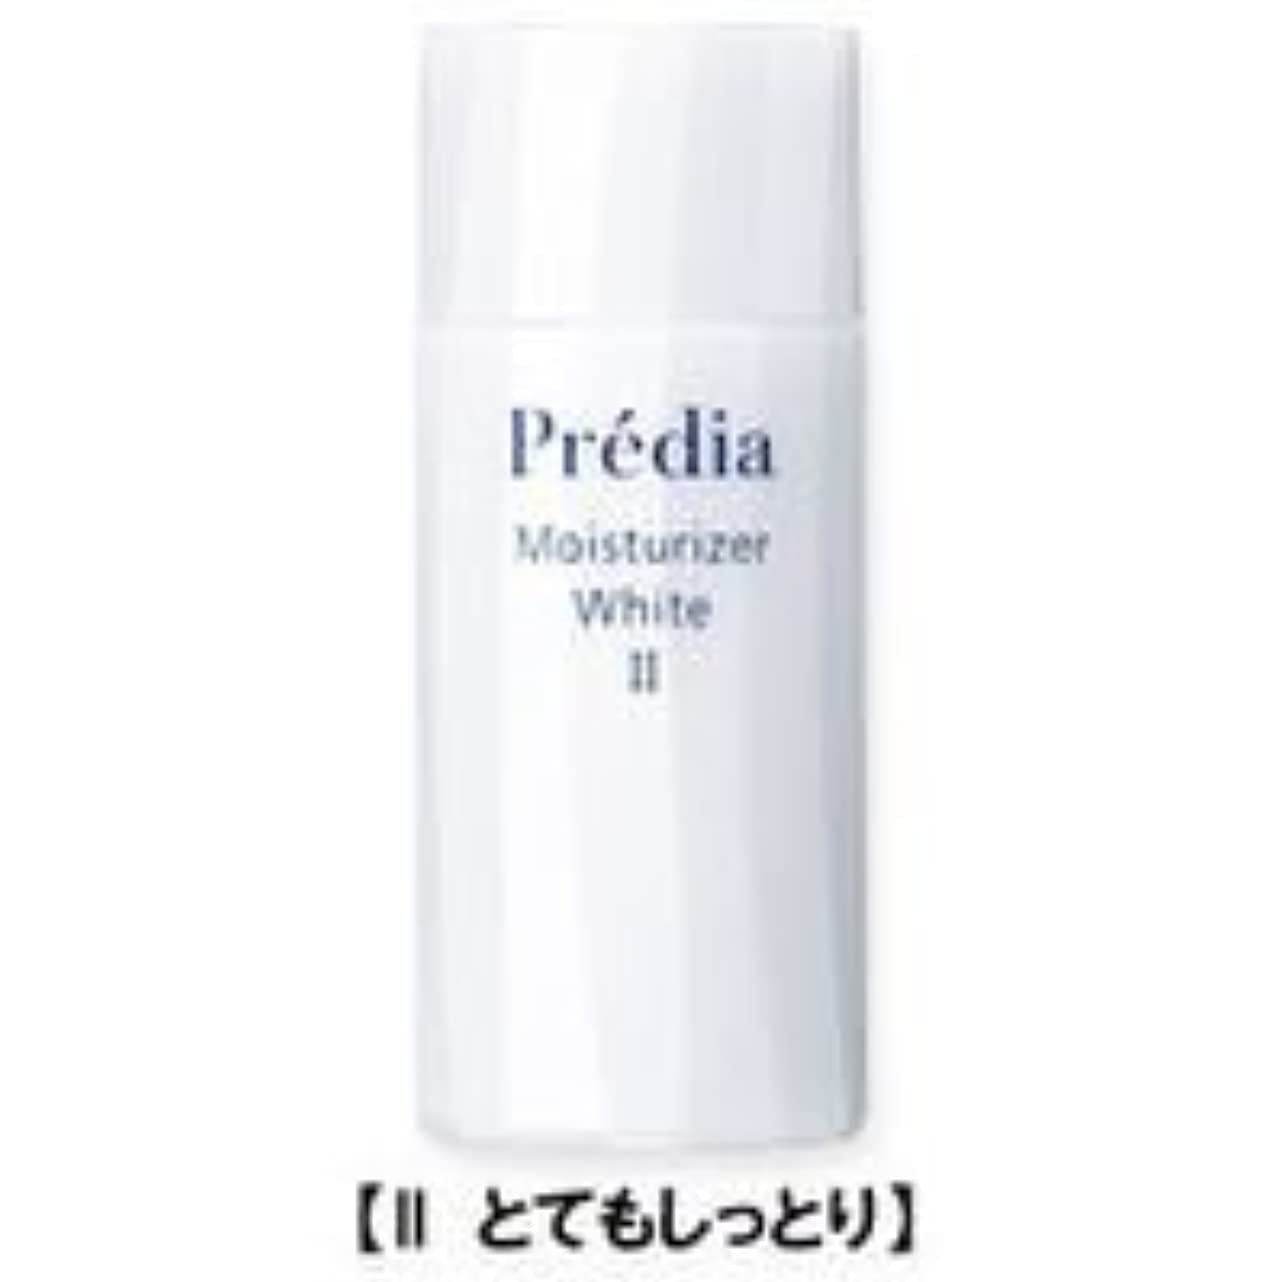 ピースストライクマイルドコーセー プレディア モイスチュアライザー ホワイト II とてもしっとり 120ml 乳液